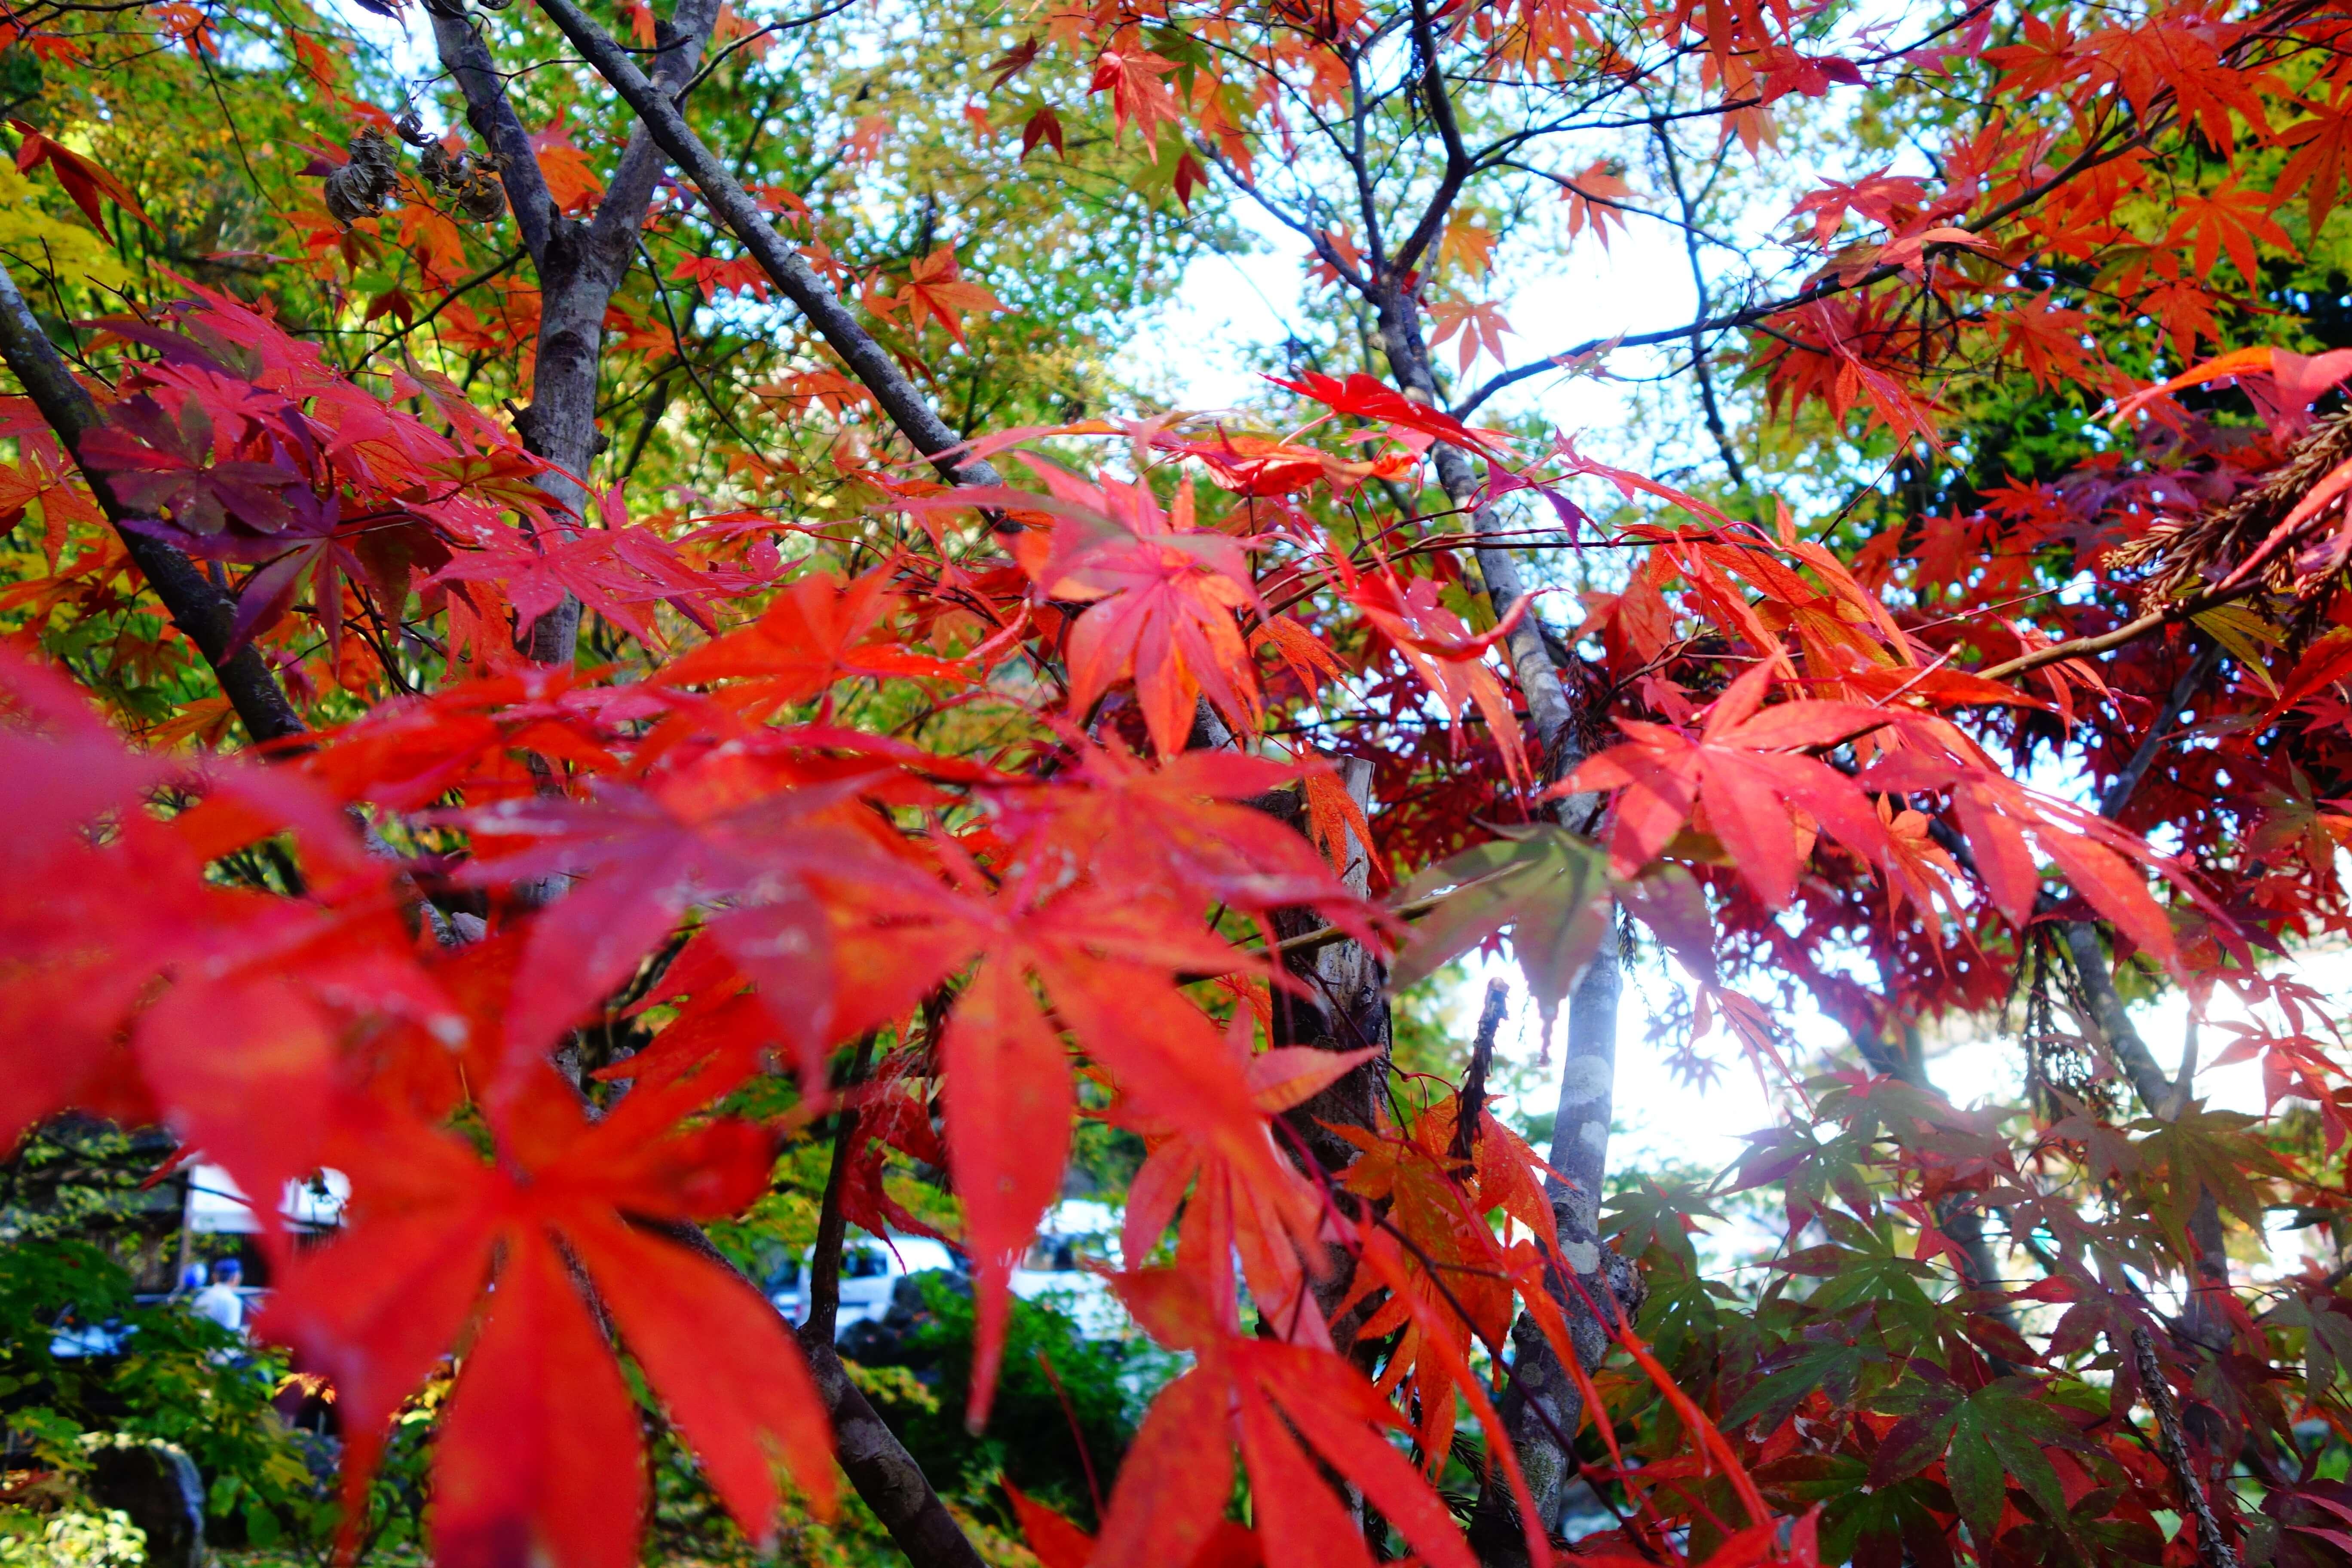 那谷寺|石川県の紅葉スポット!小松市にある北陸屈指の紅葉の名所